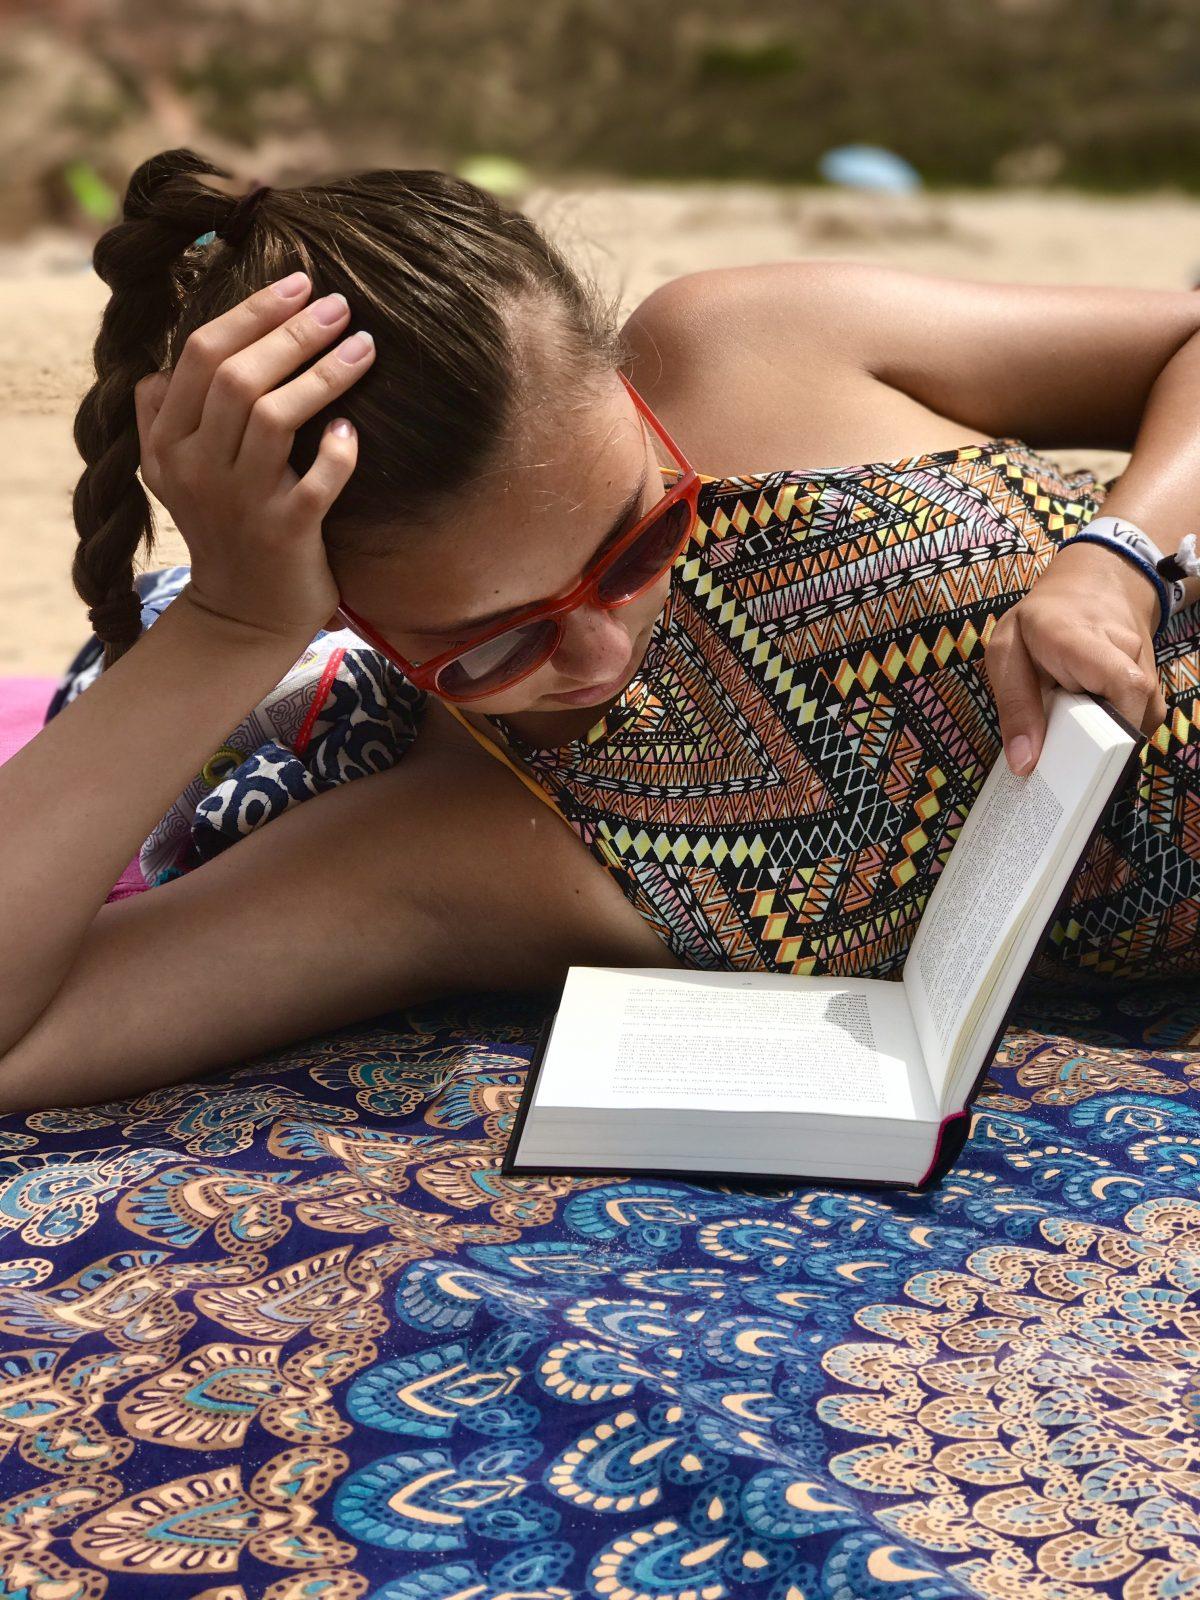 Freitagslieblinge - Ferienzeit ist Lesezeit